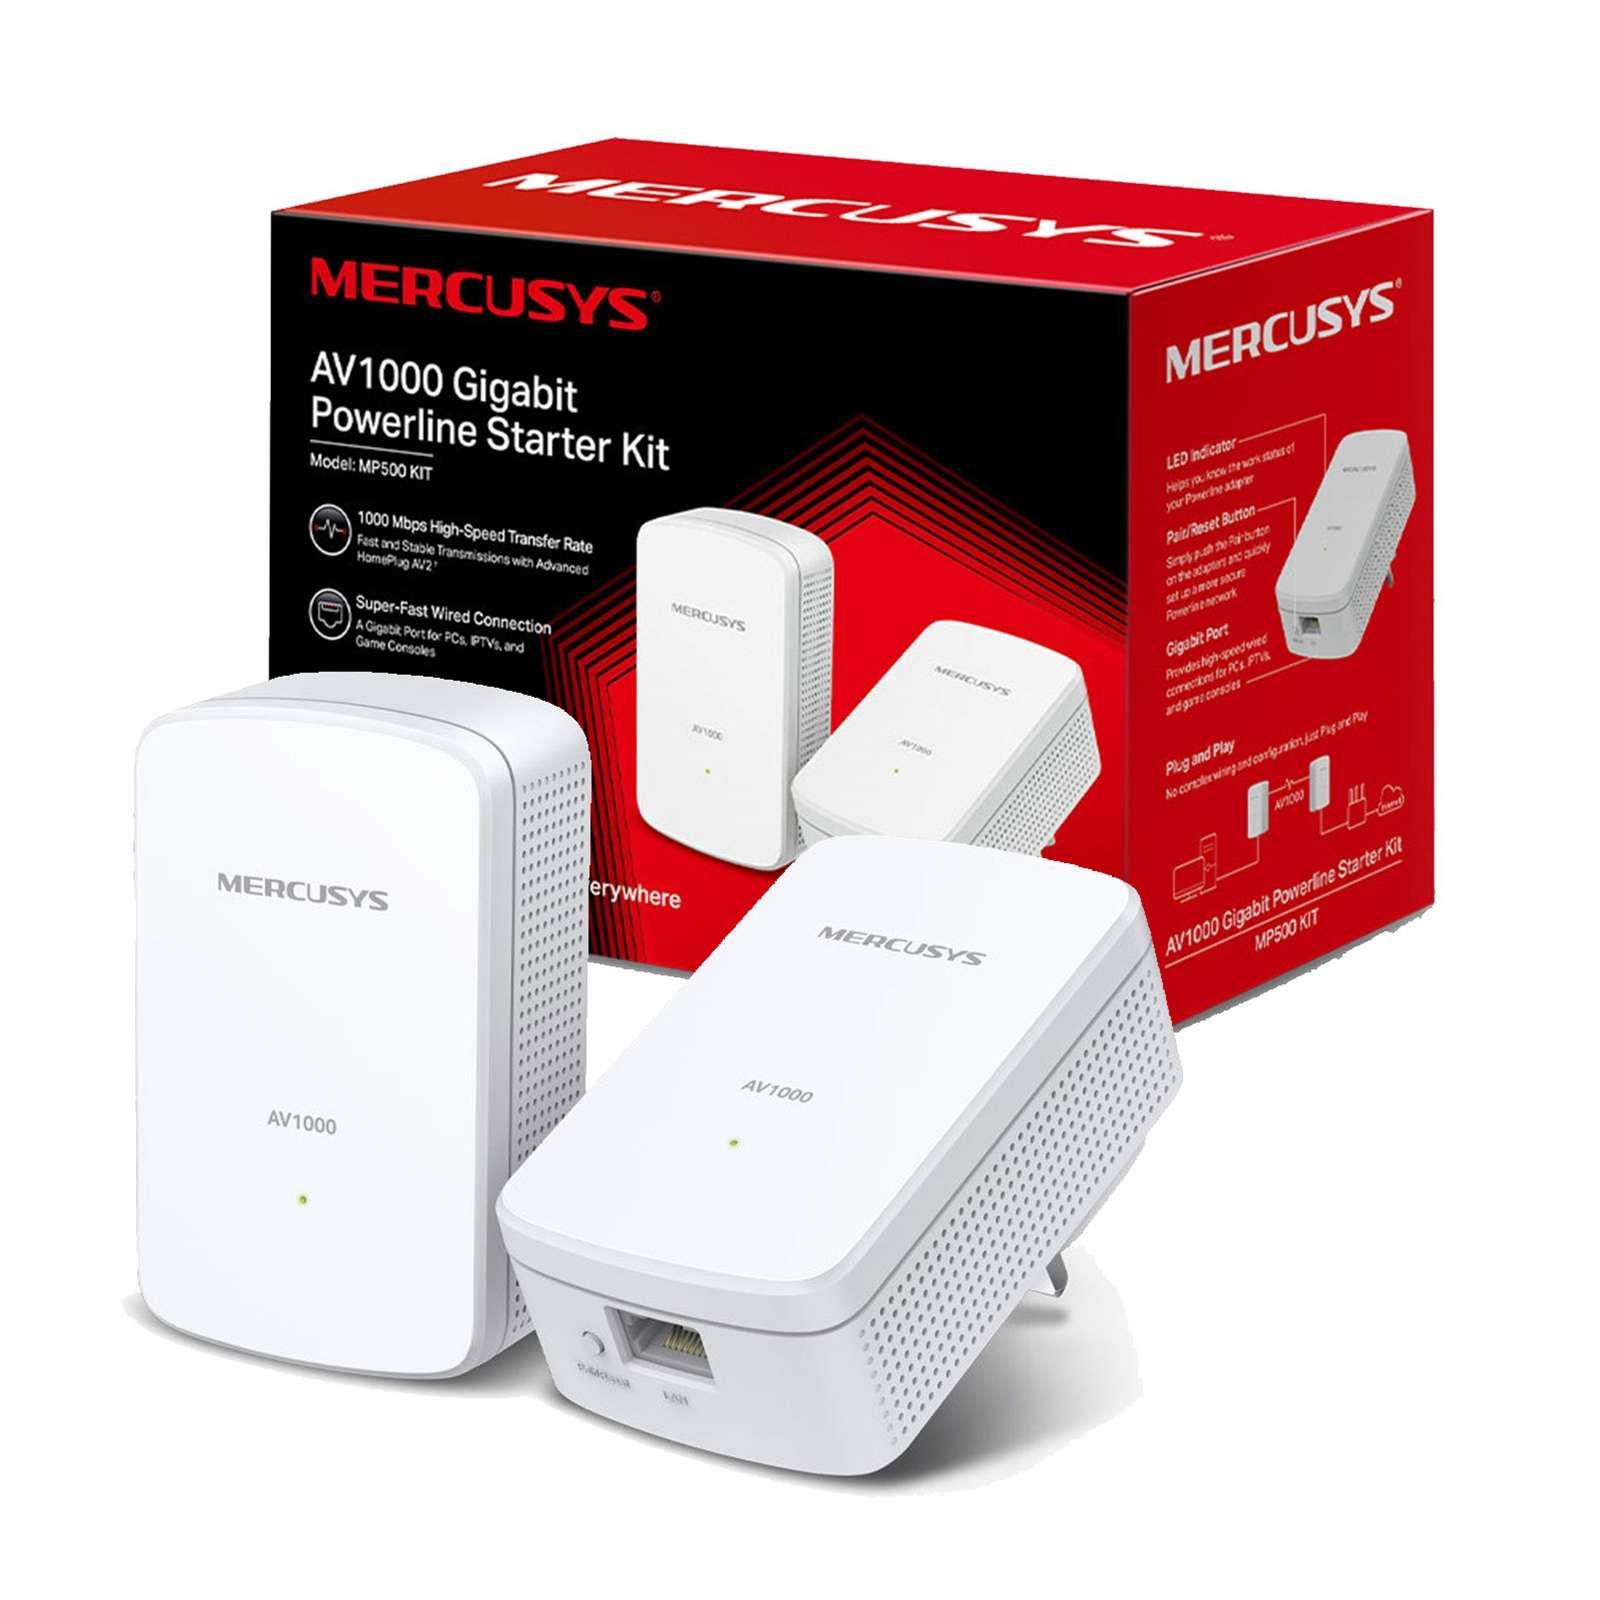 Mercusys MP500 KIT AV1000 Gigabit Powerline Starter Kit